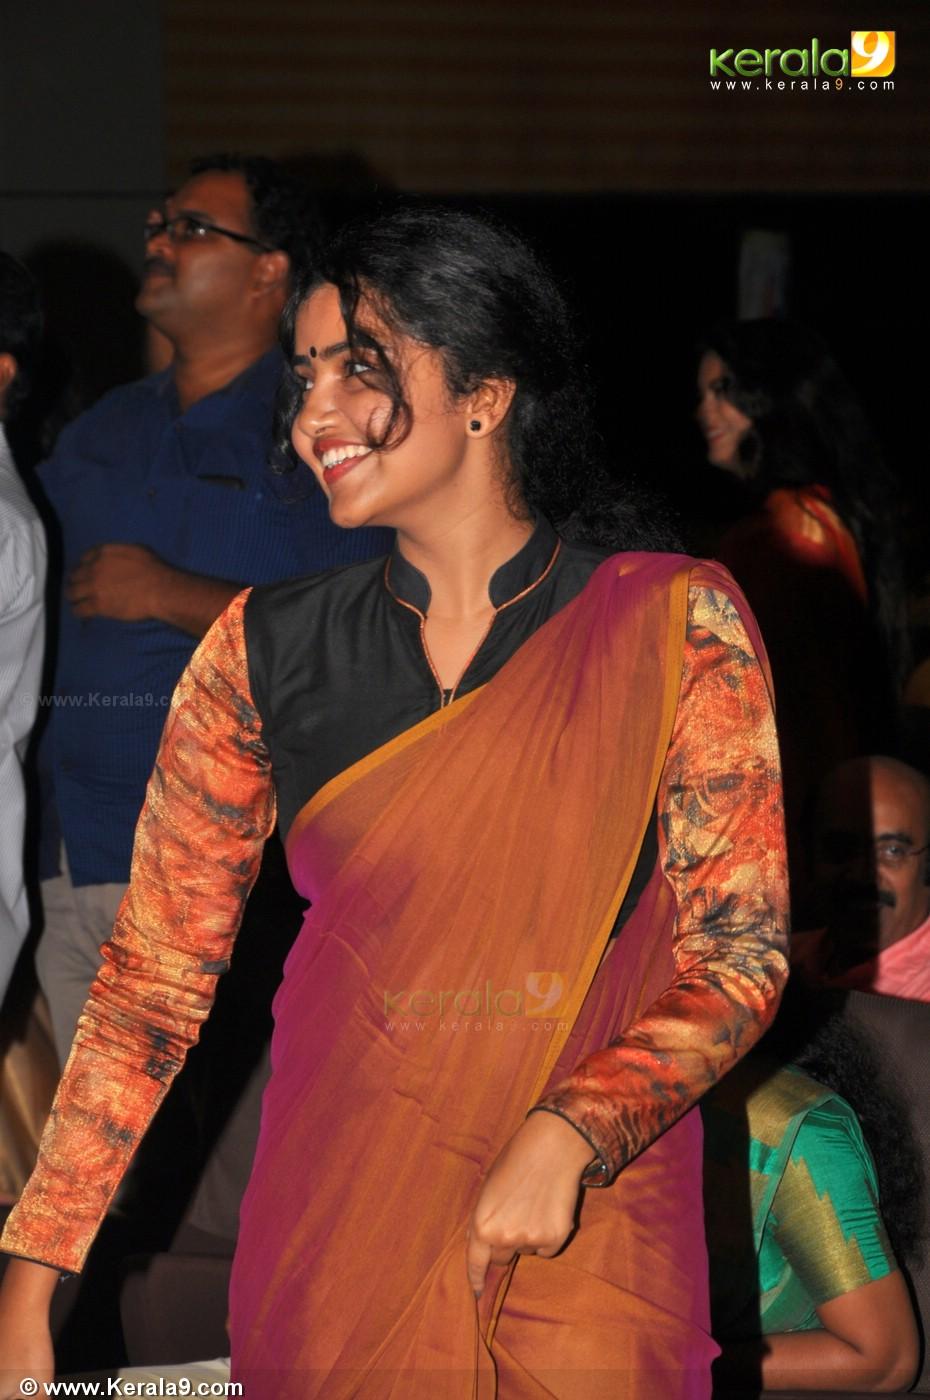 anupama-parameshwaran-new-photos03-01271